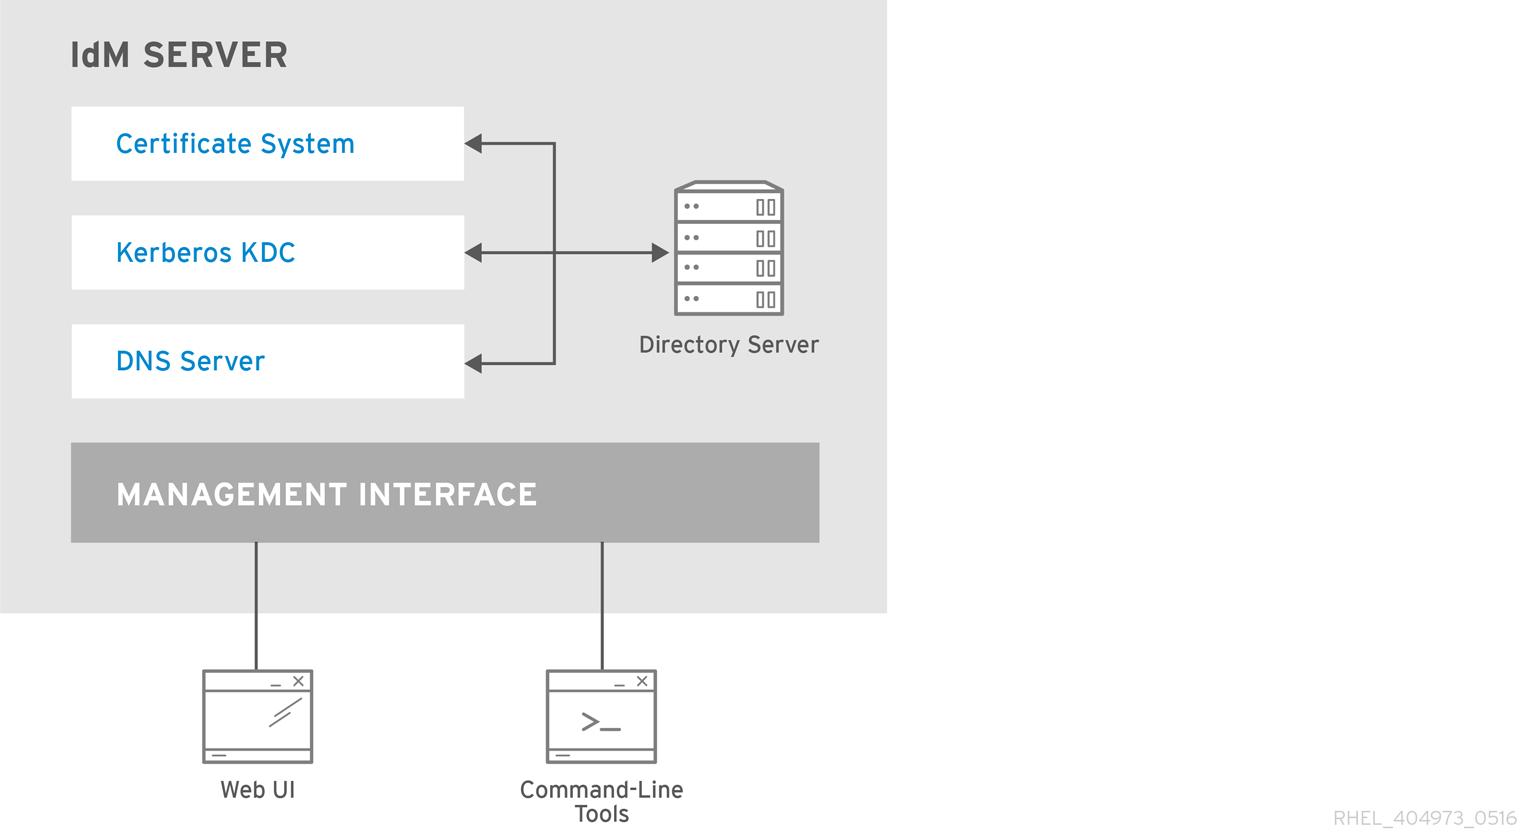 身份管理服务器:统一服务